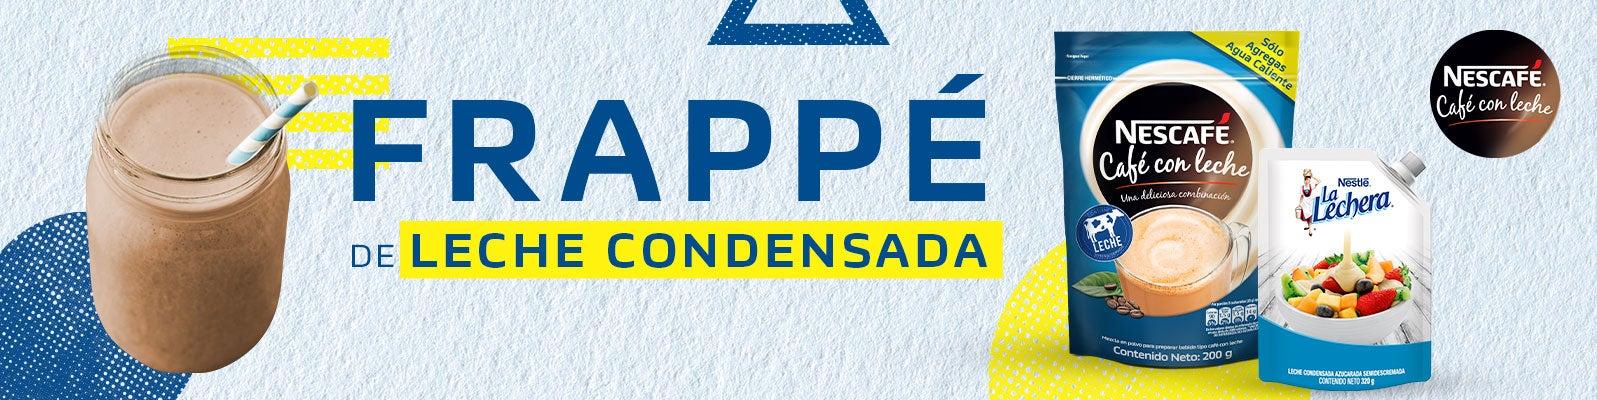 FRAPPÉ DE LECHE CONDENSADA